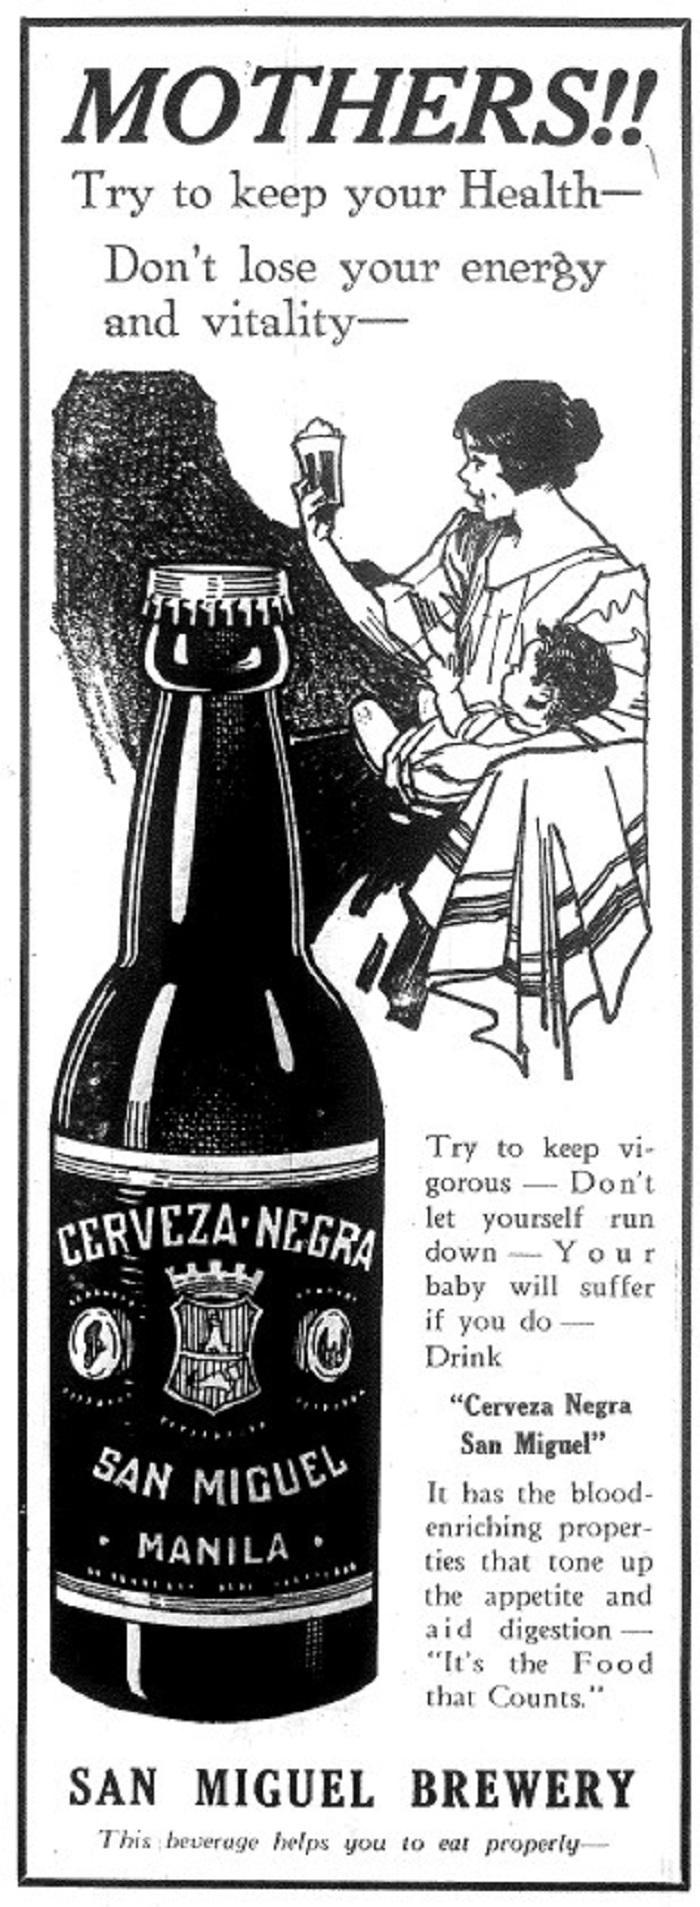 Retro Advertisements 8